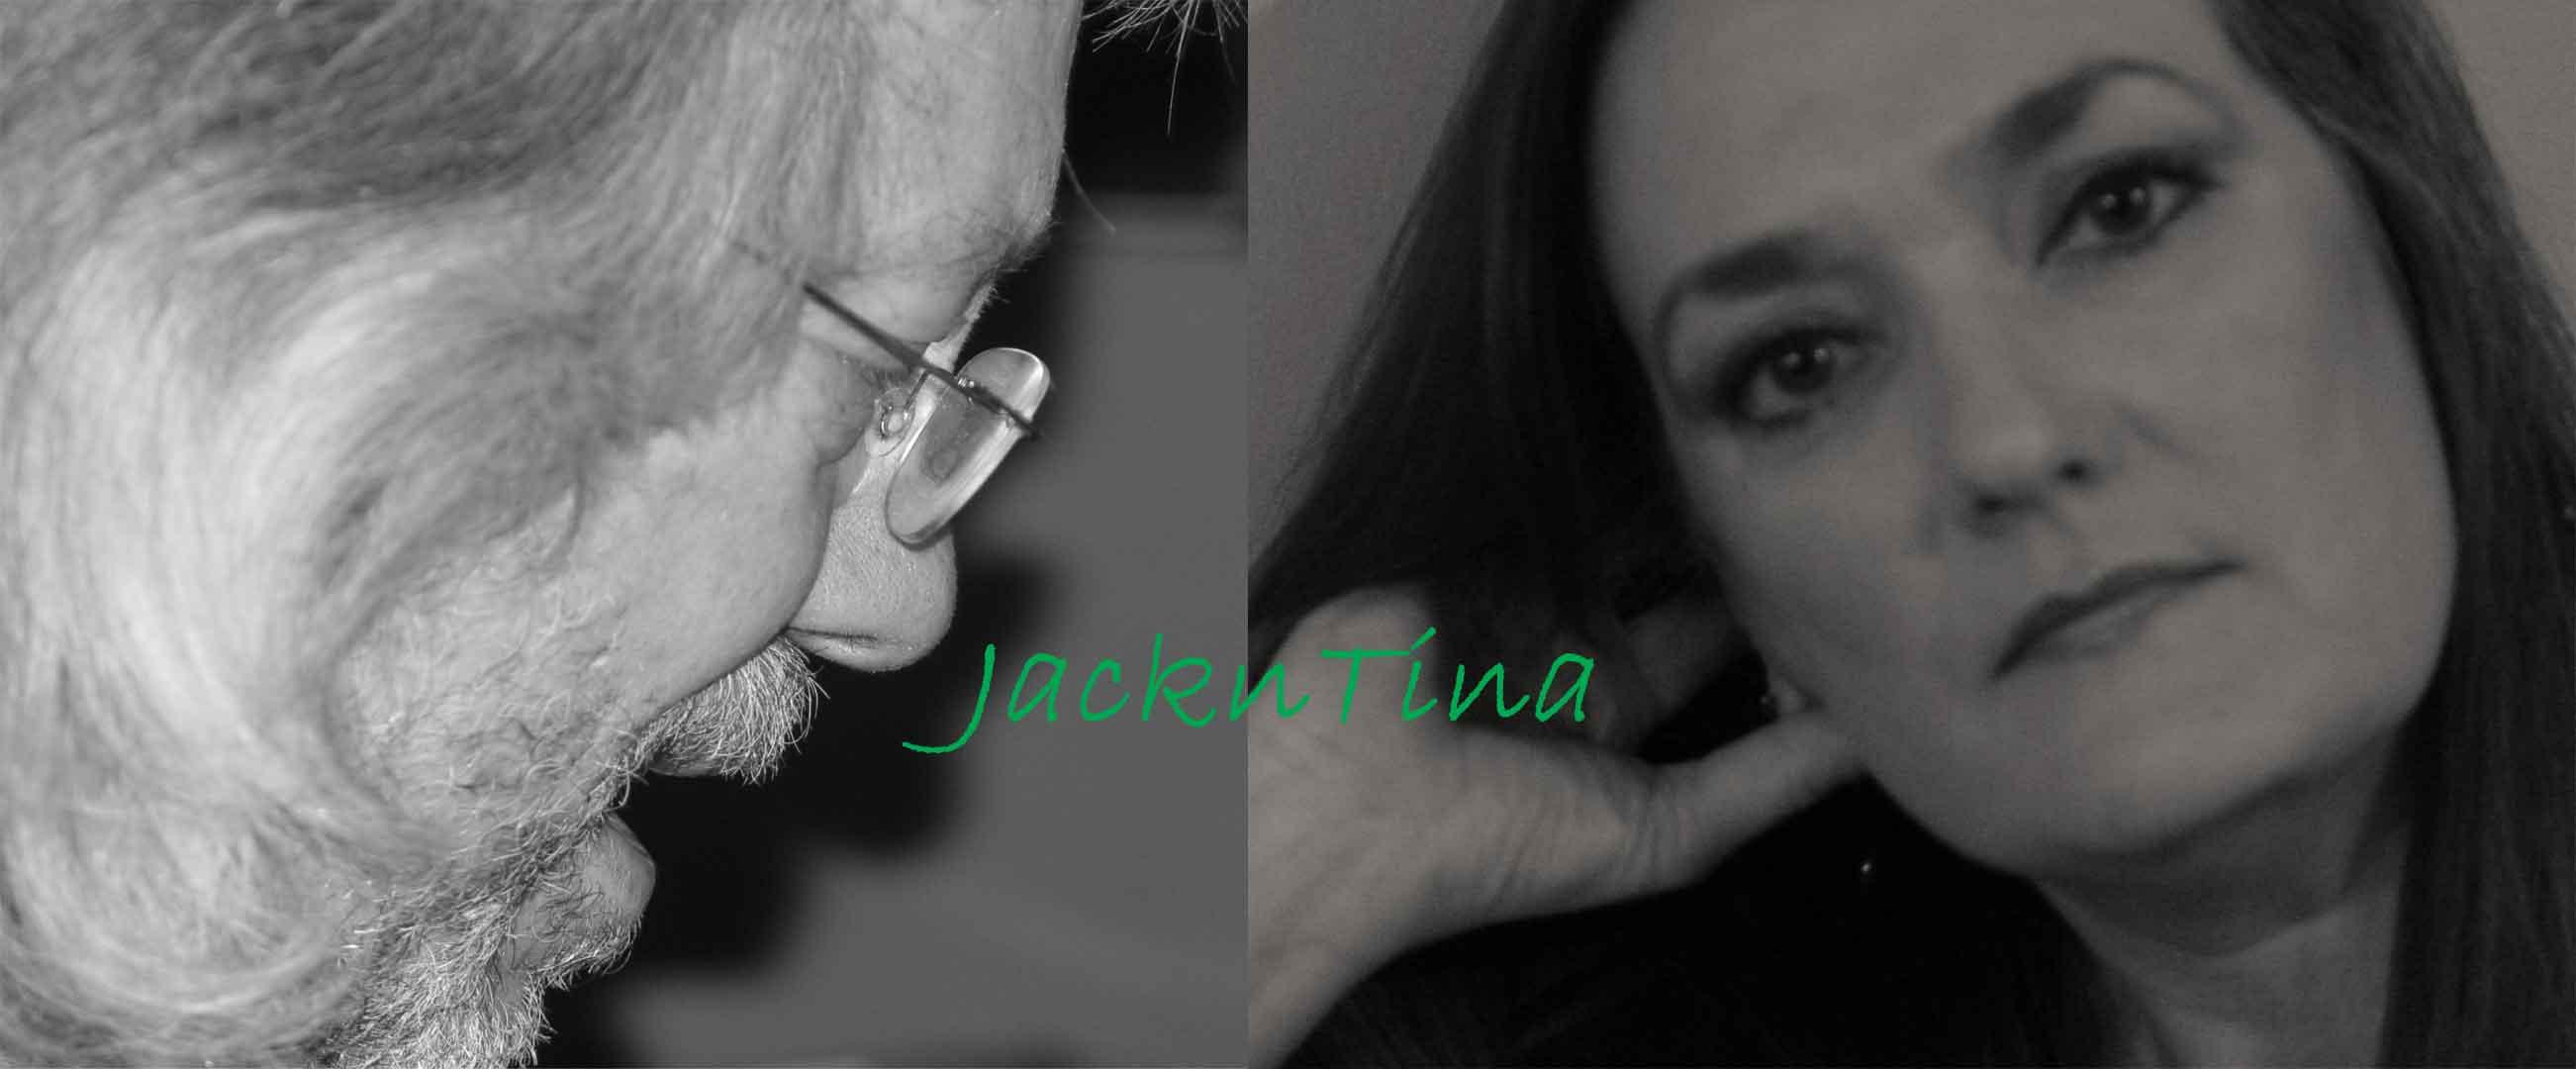 jackntina-bw